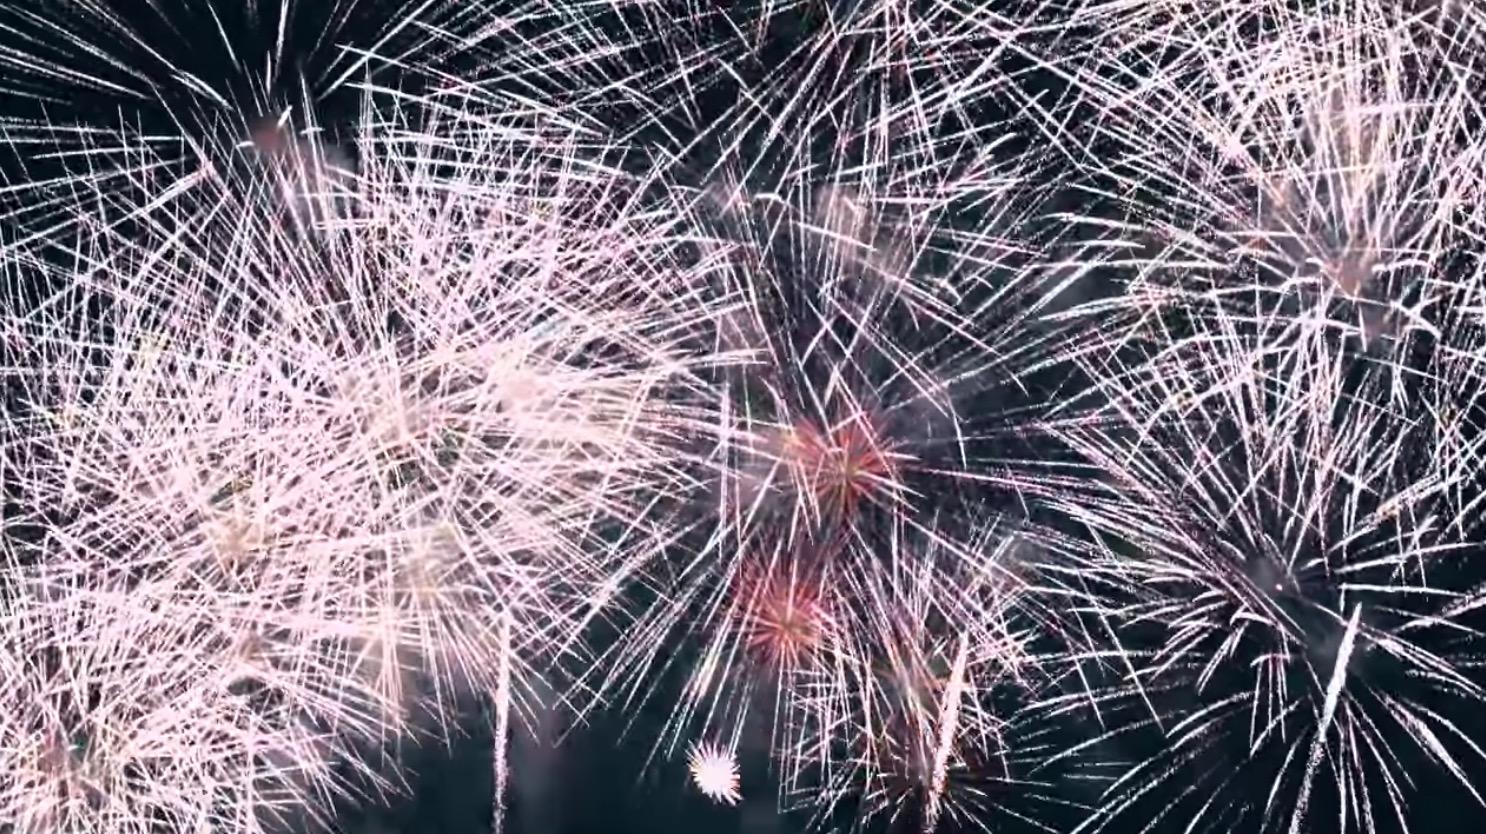 江津湖花火大会(下江津湖)の花火が打ち上げられる所に行ってきたよ!今のうちからチェックしときなっせ